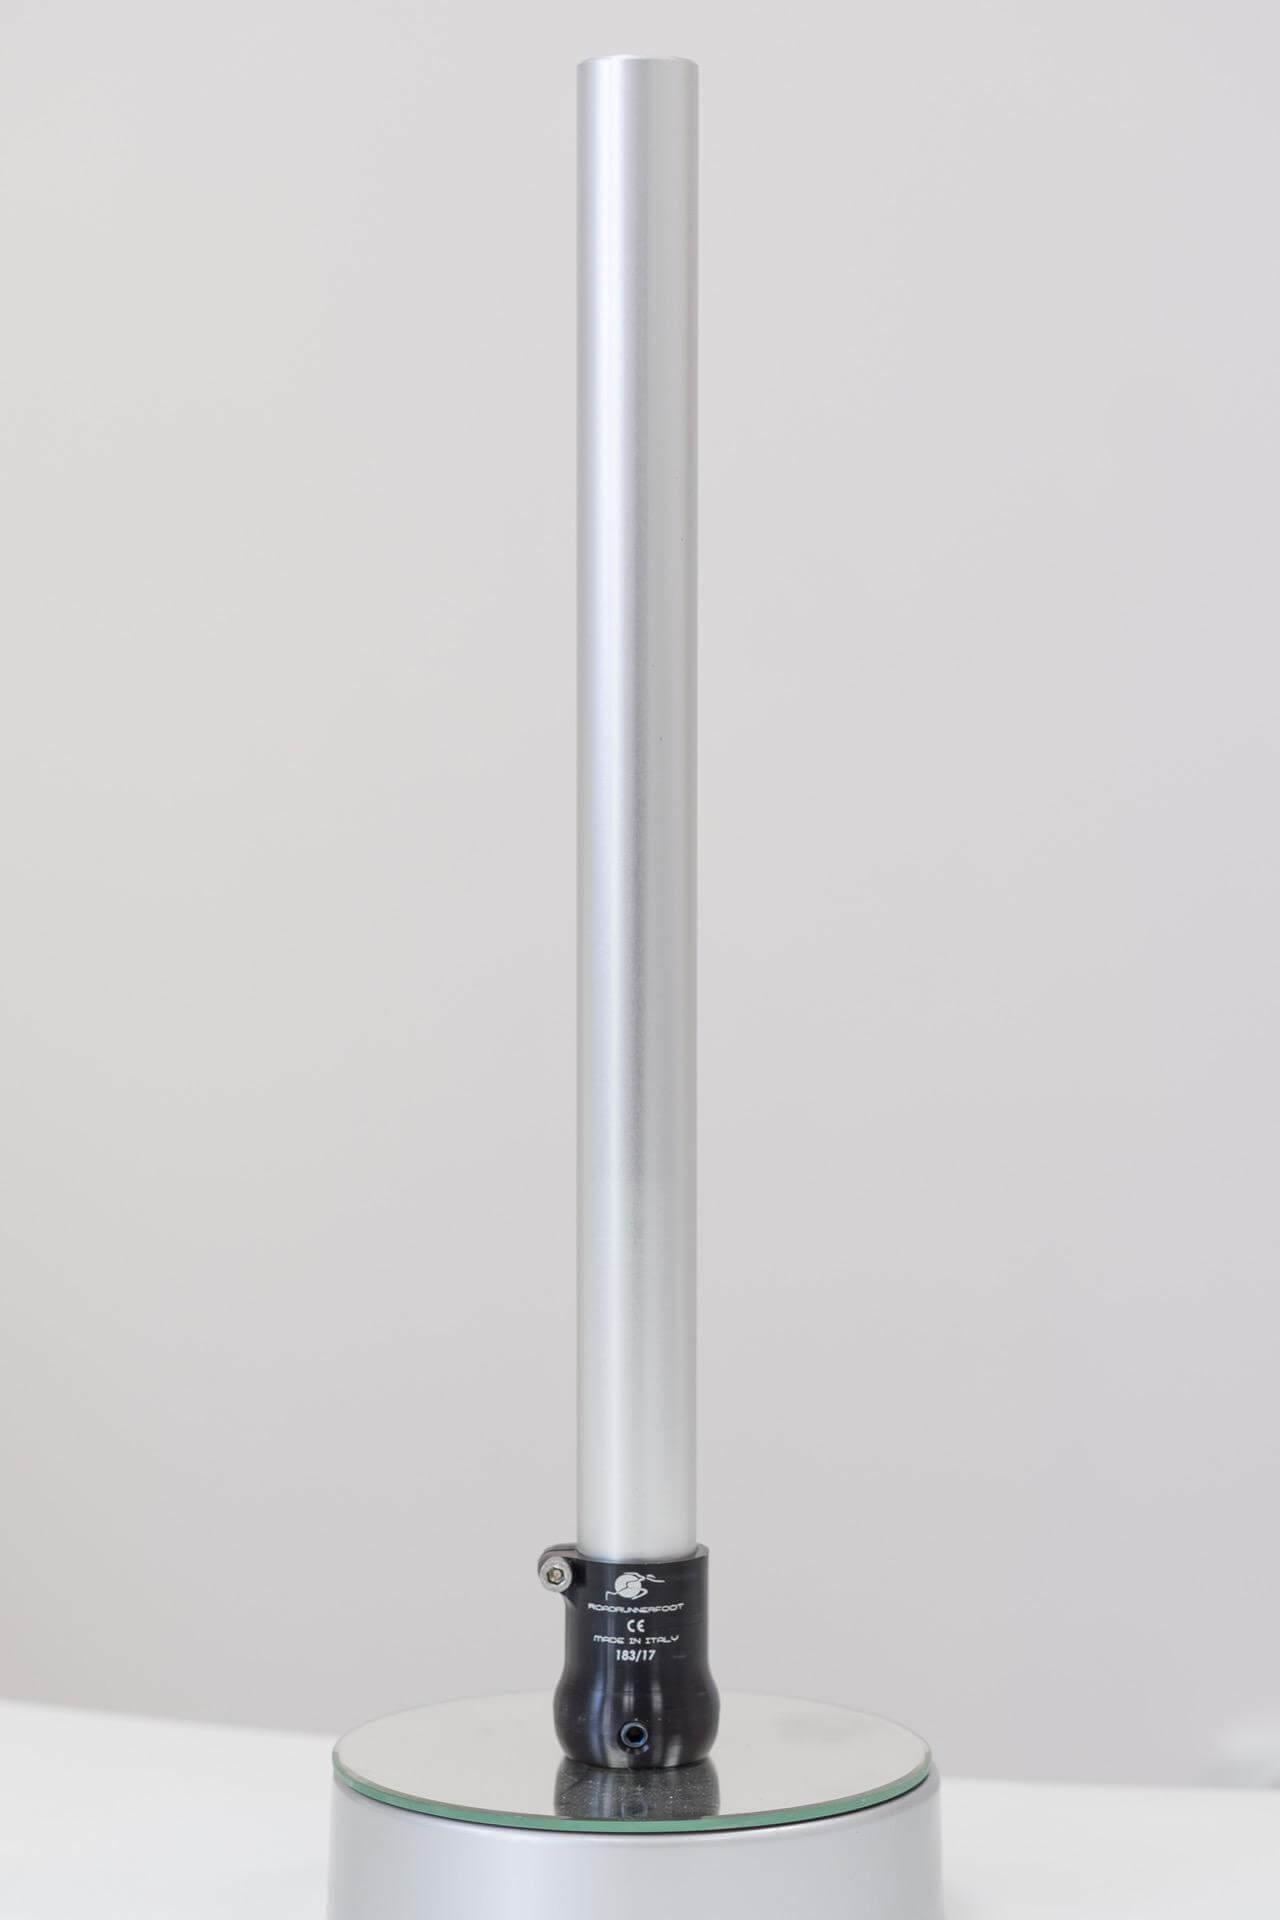 част от протеза за крак - Ортомедикс